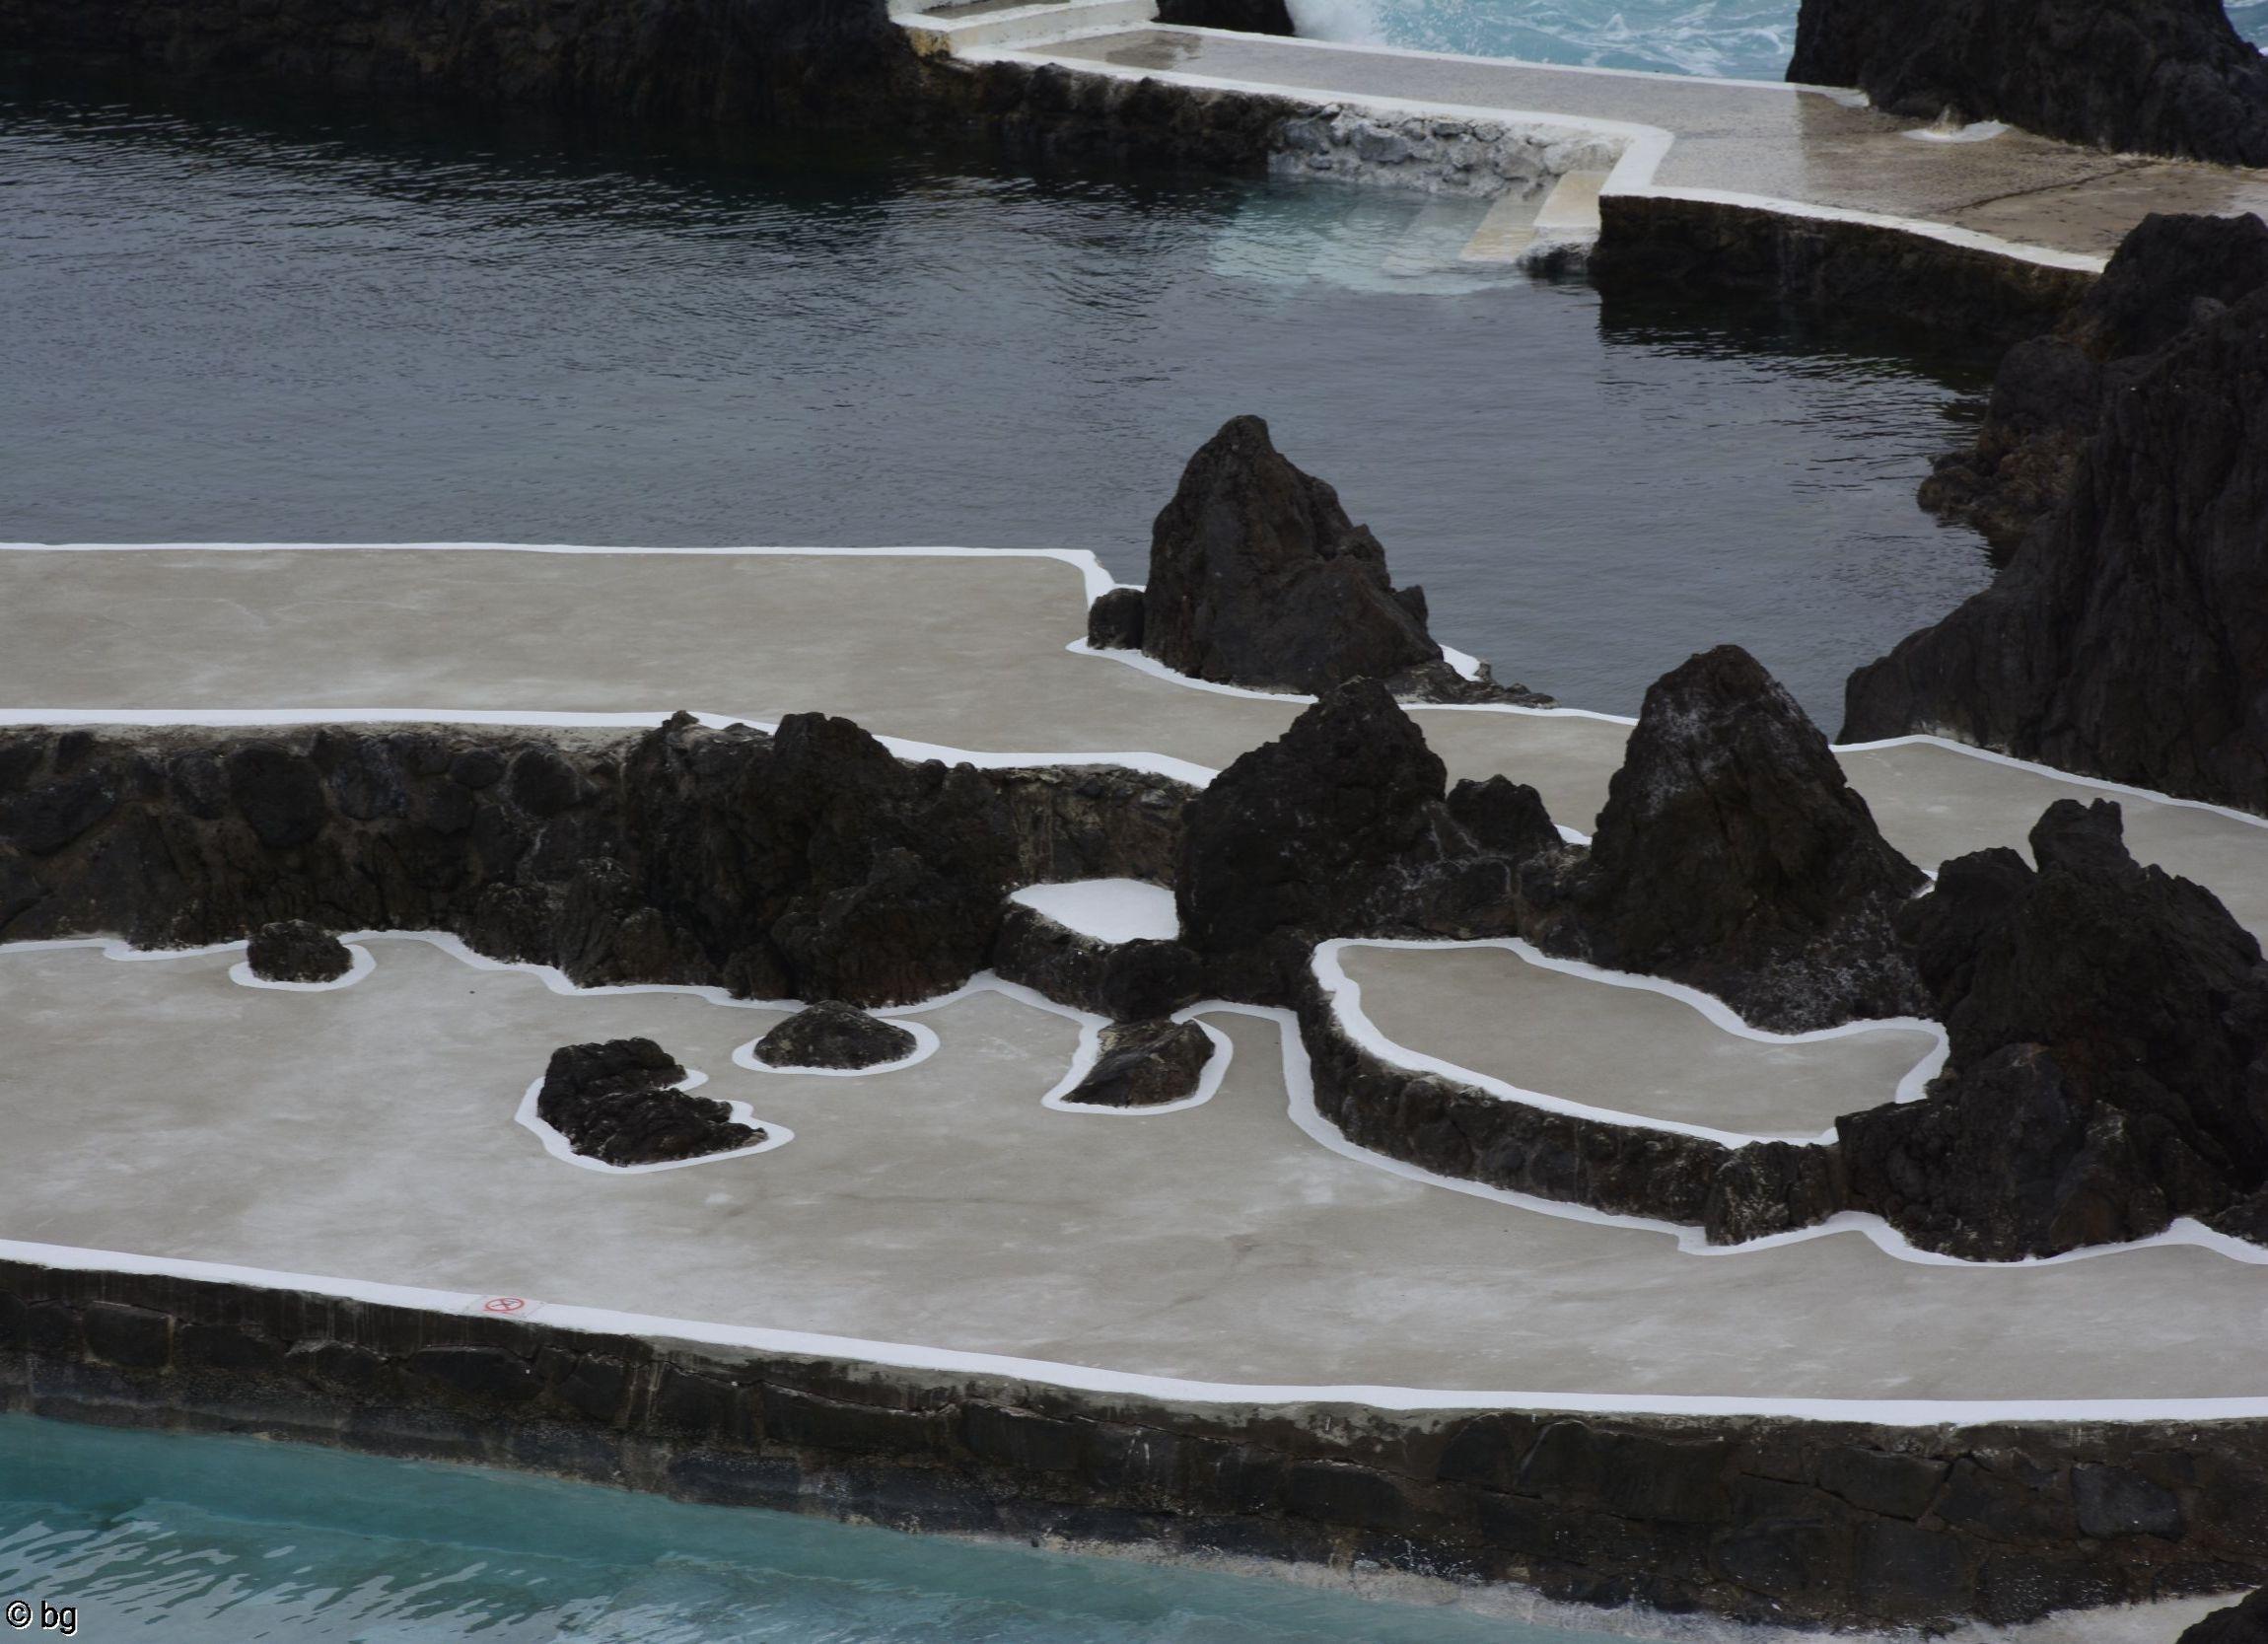 piscinas-naturals-madere-porto-moniz-1